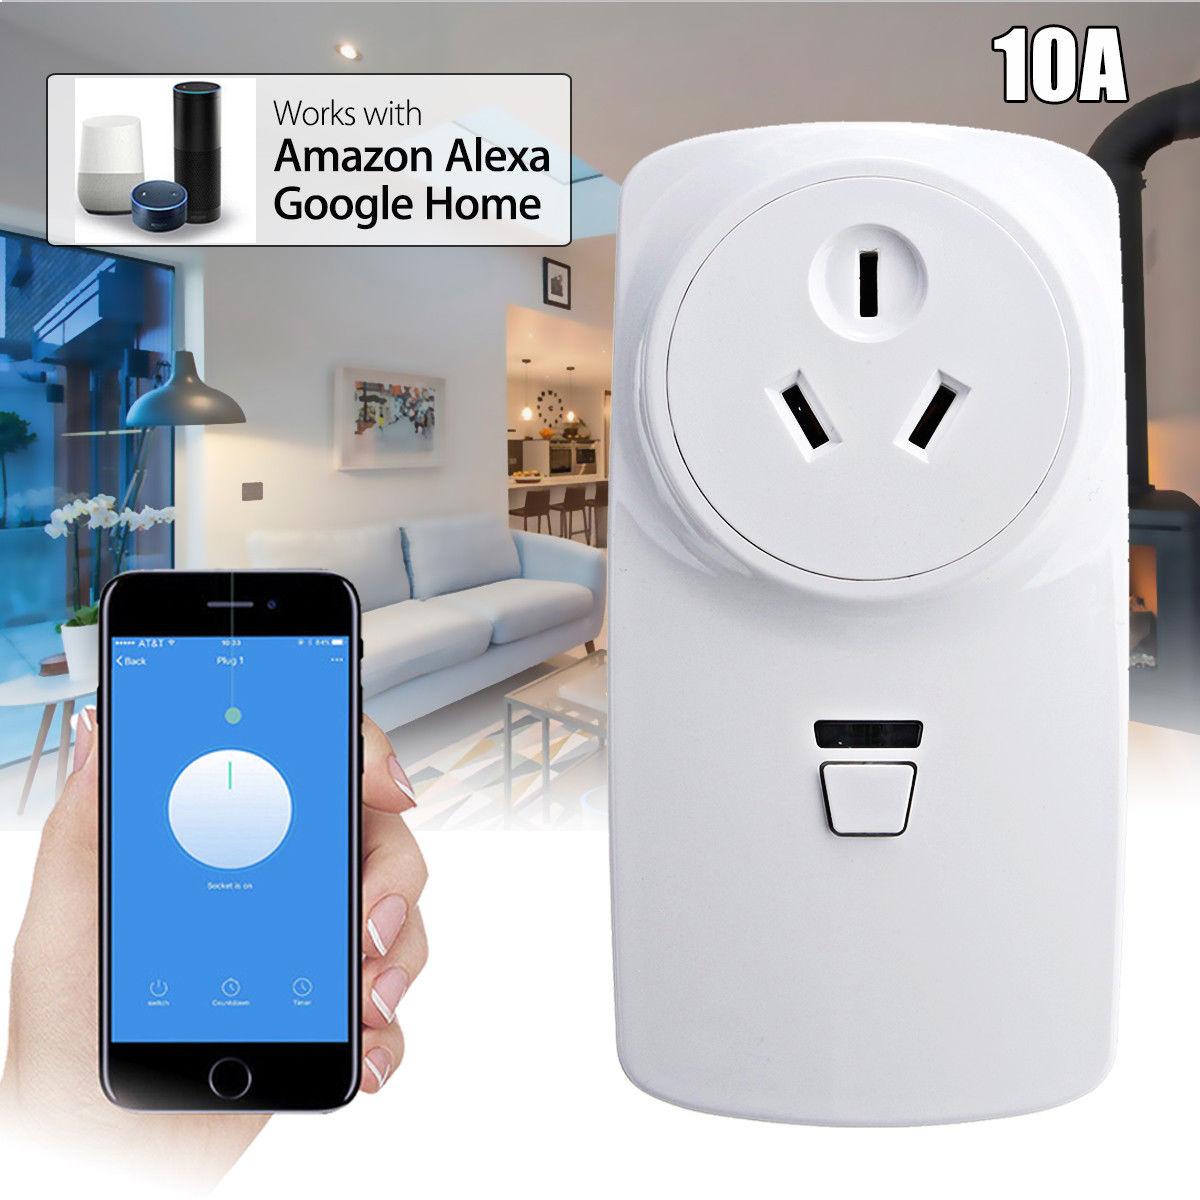 Wifi Smart AU Plug Power Socket Outlet APP For Amazon ECHO ALEXA GOOGLE HOME 10A(AU PLUG)